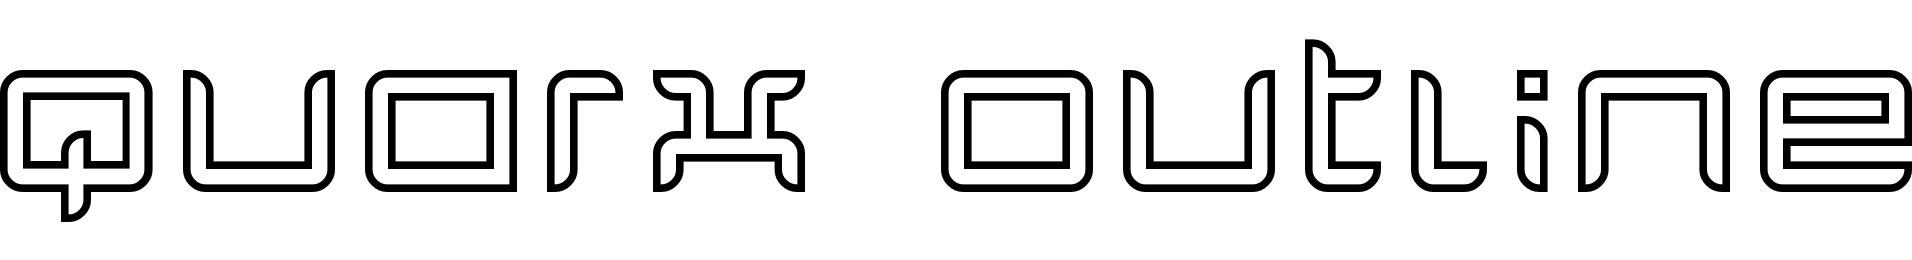 Quarx Outline